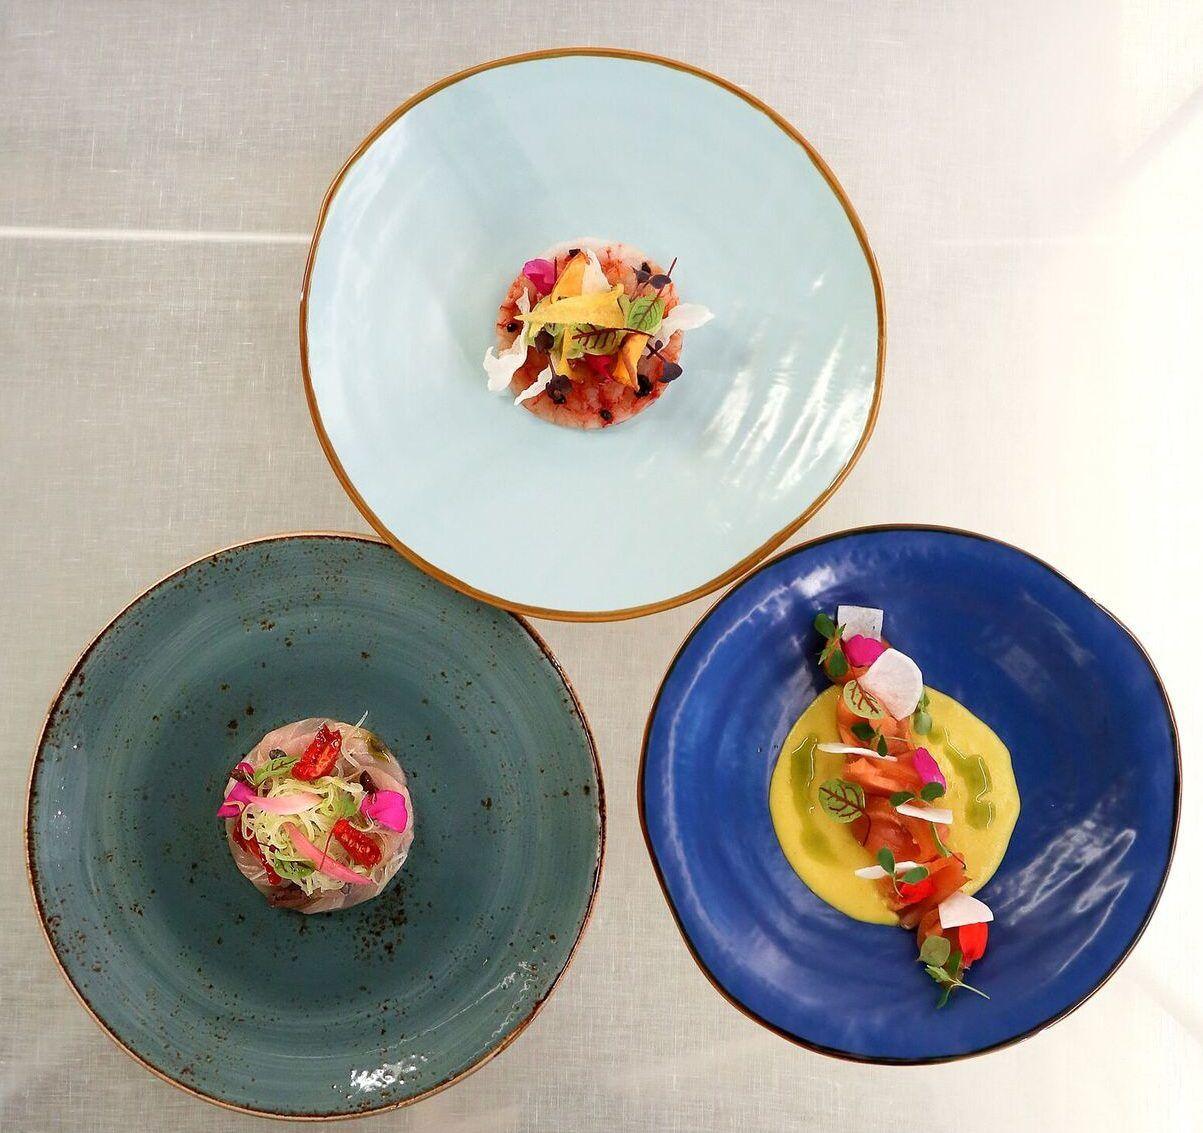 Mame Ostrichina a Napoli, cucina creativa, rispettosa e fresca